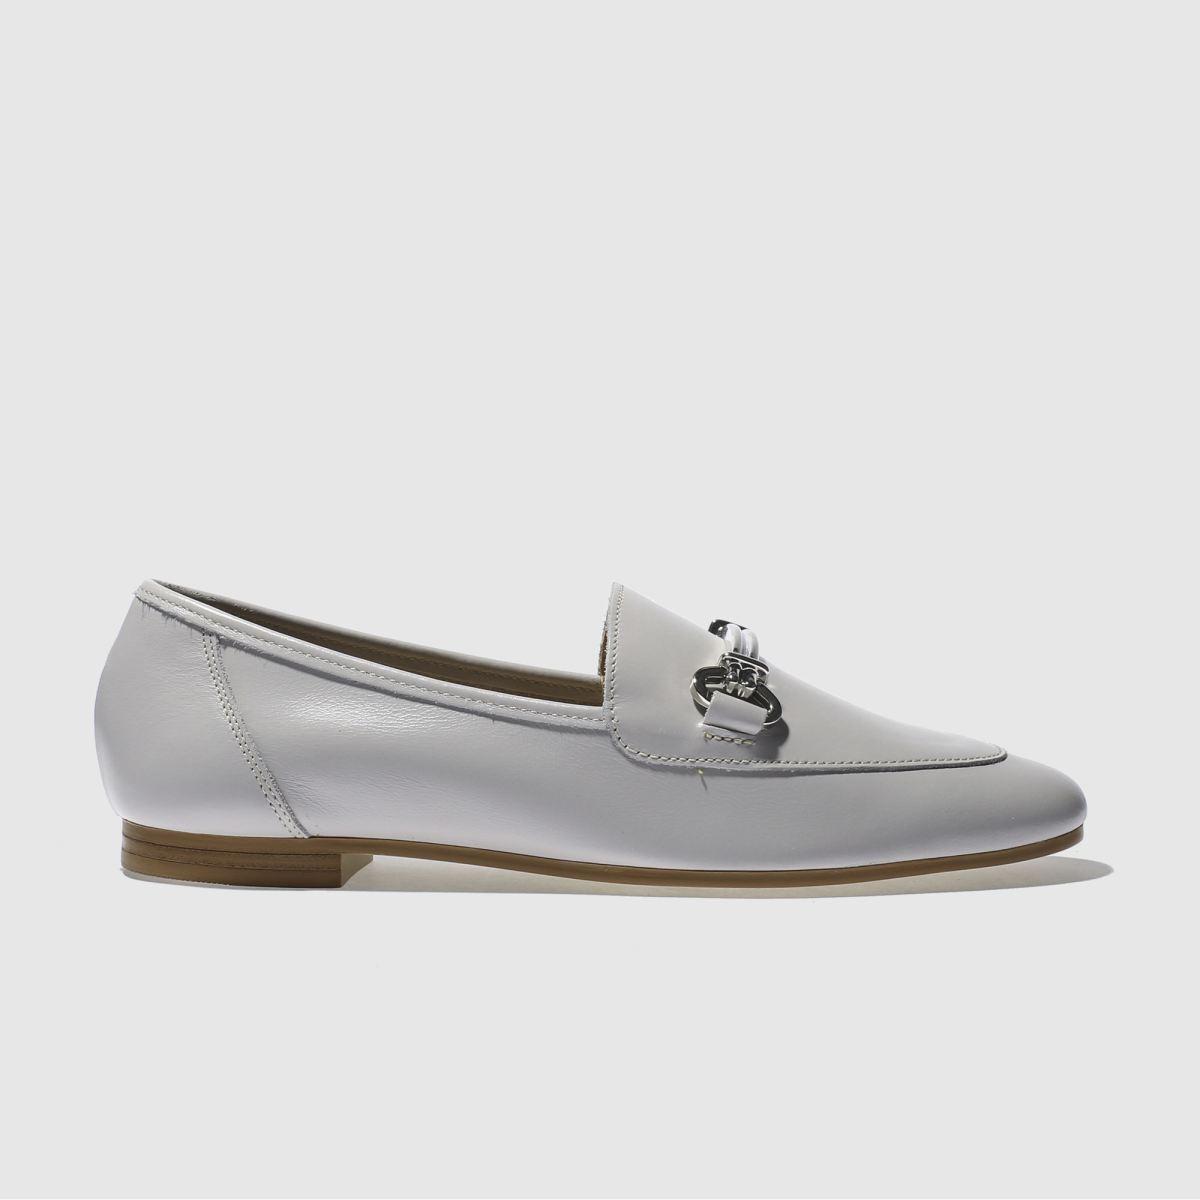 schuh grey dandy flat shoes